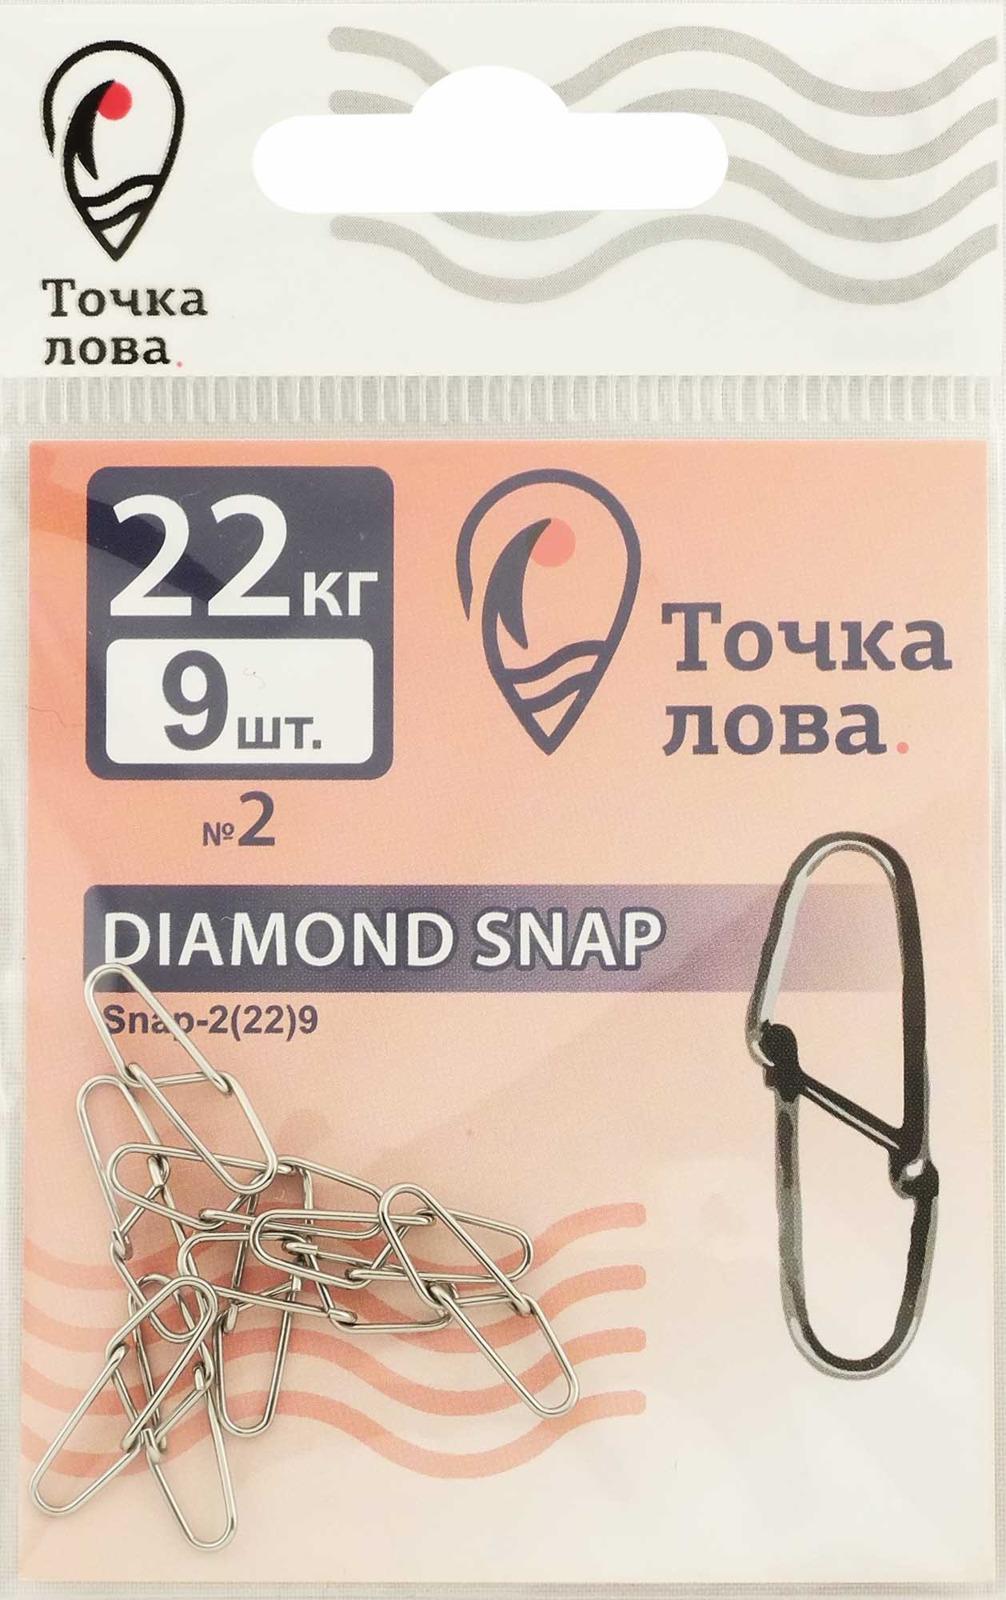 Аксессуар для рыбалки Точка Лова Застежка, Snap-2(22), 9 шт клевалка для русской рыбалки 3 9